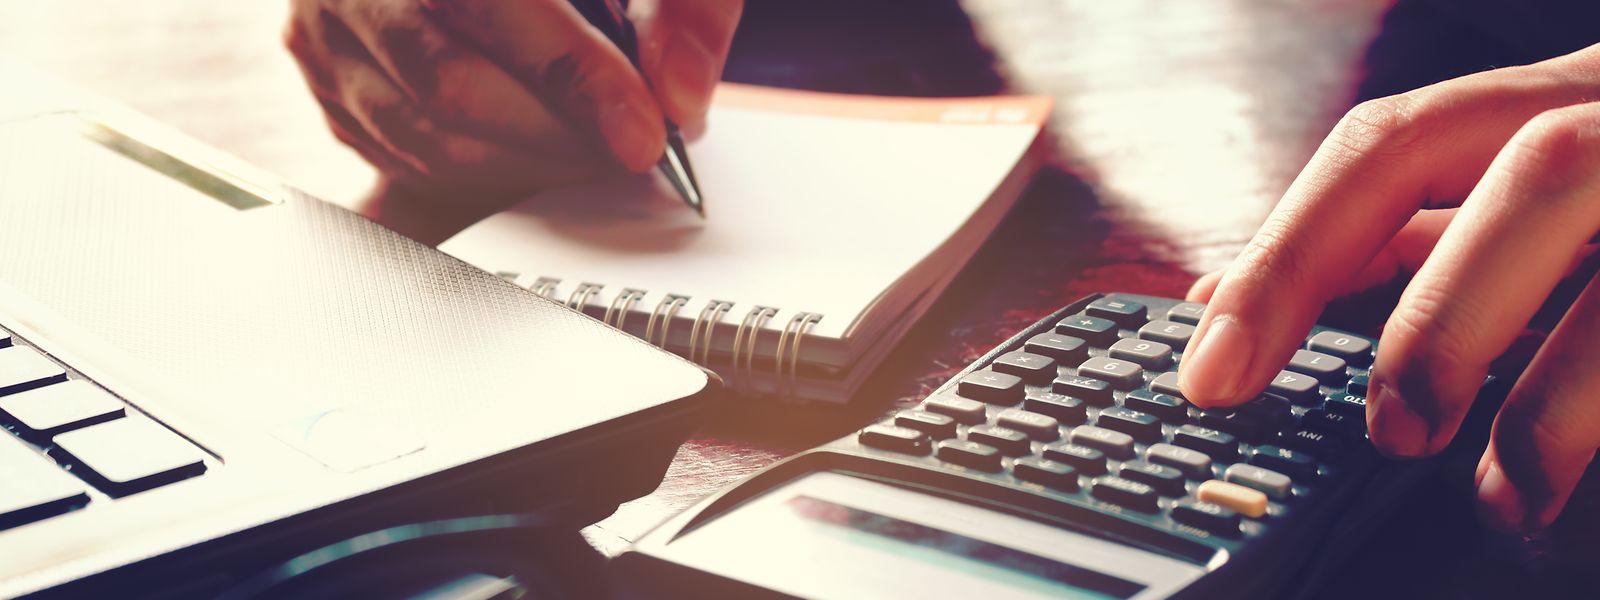 Un formulaire spécifique est désormais à remplir lorsque vous complétez votre déclaration d'impôt sur le revenu.